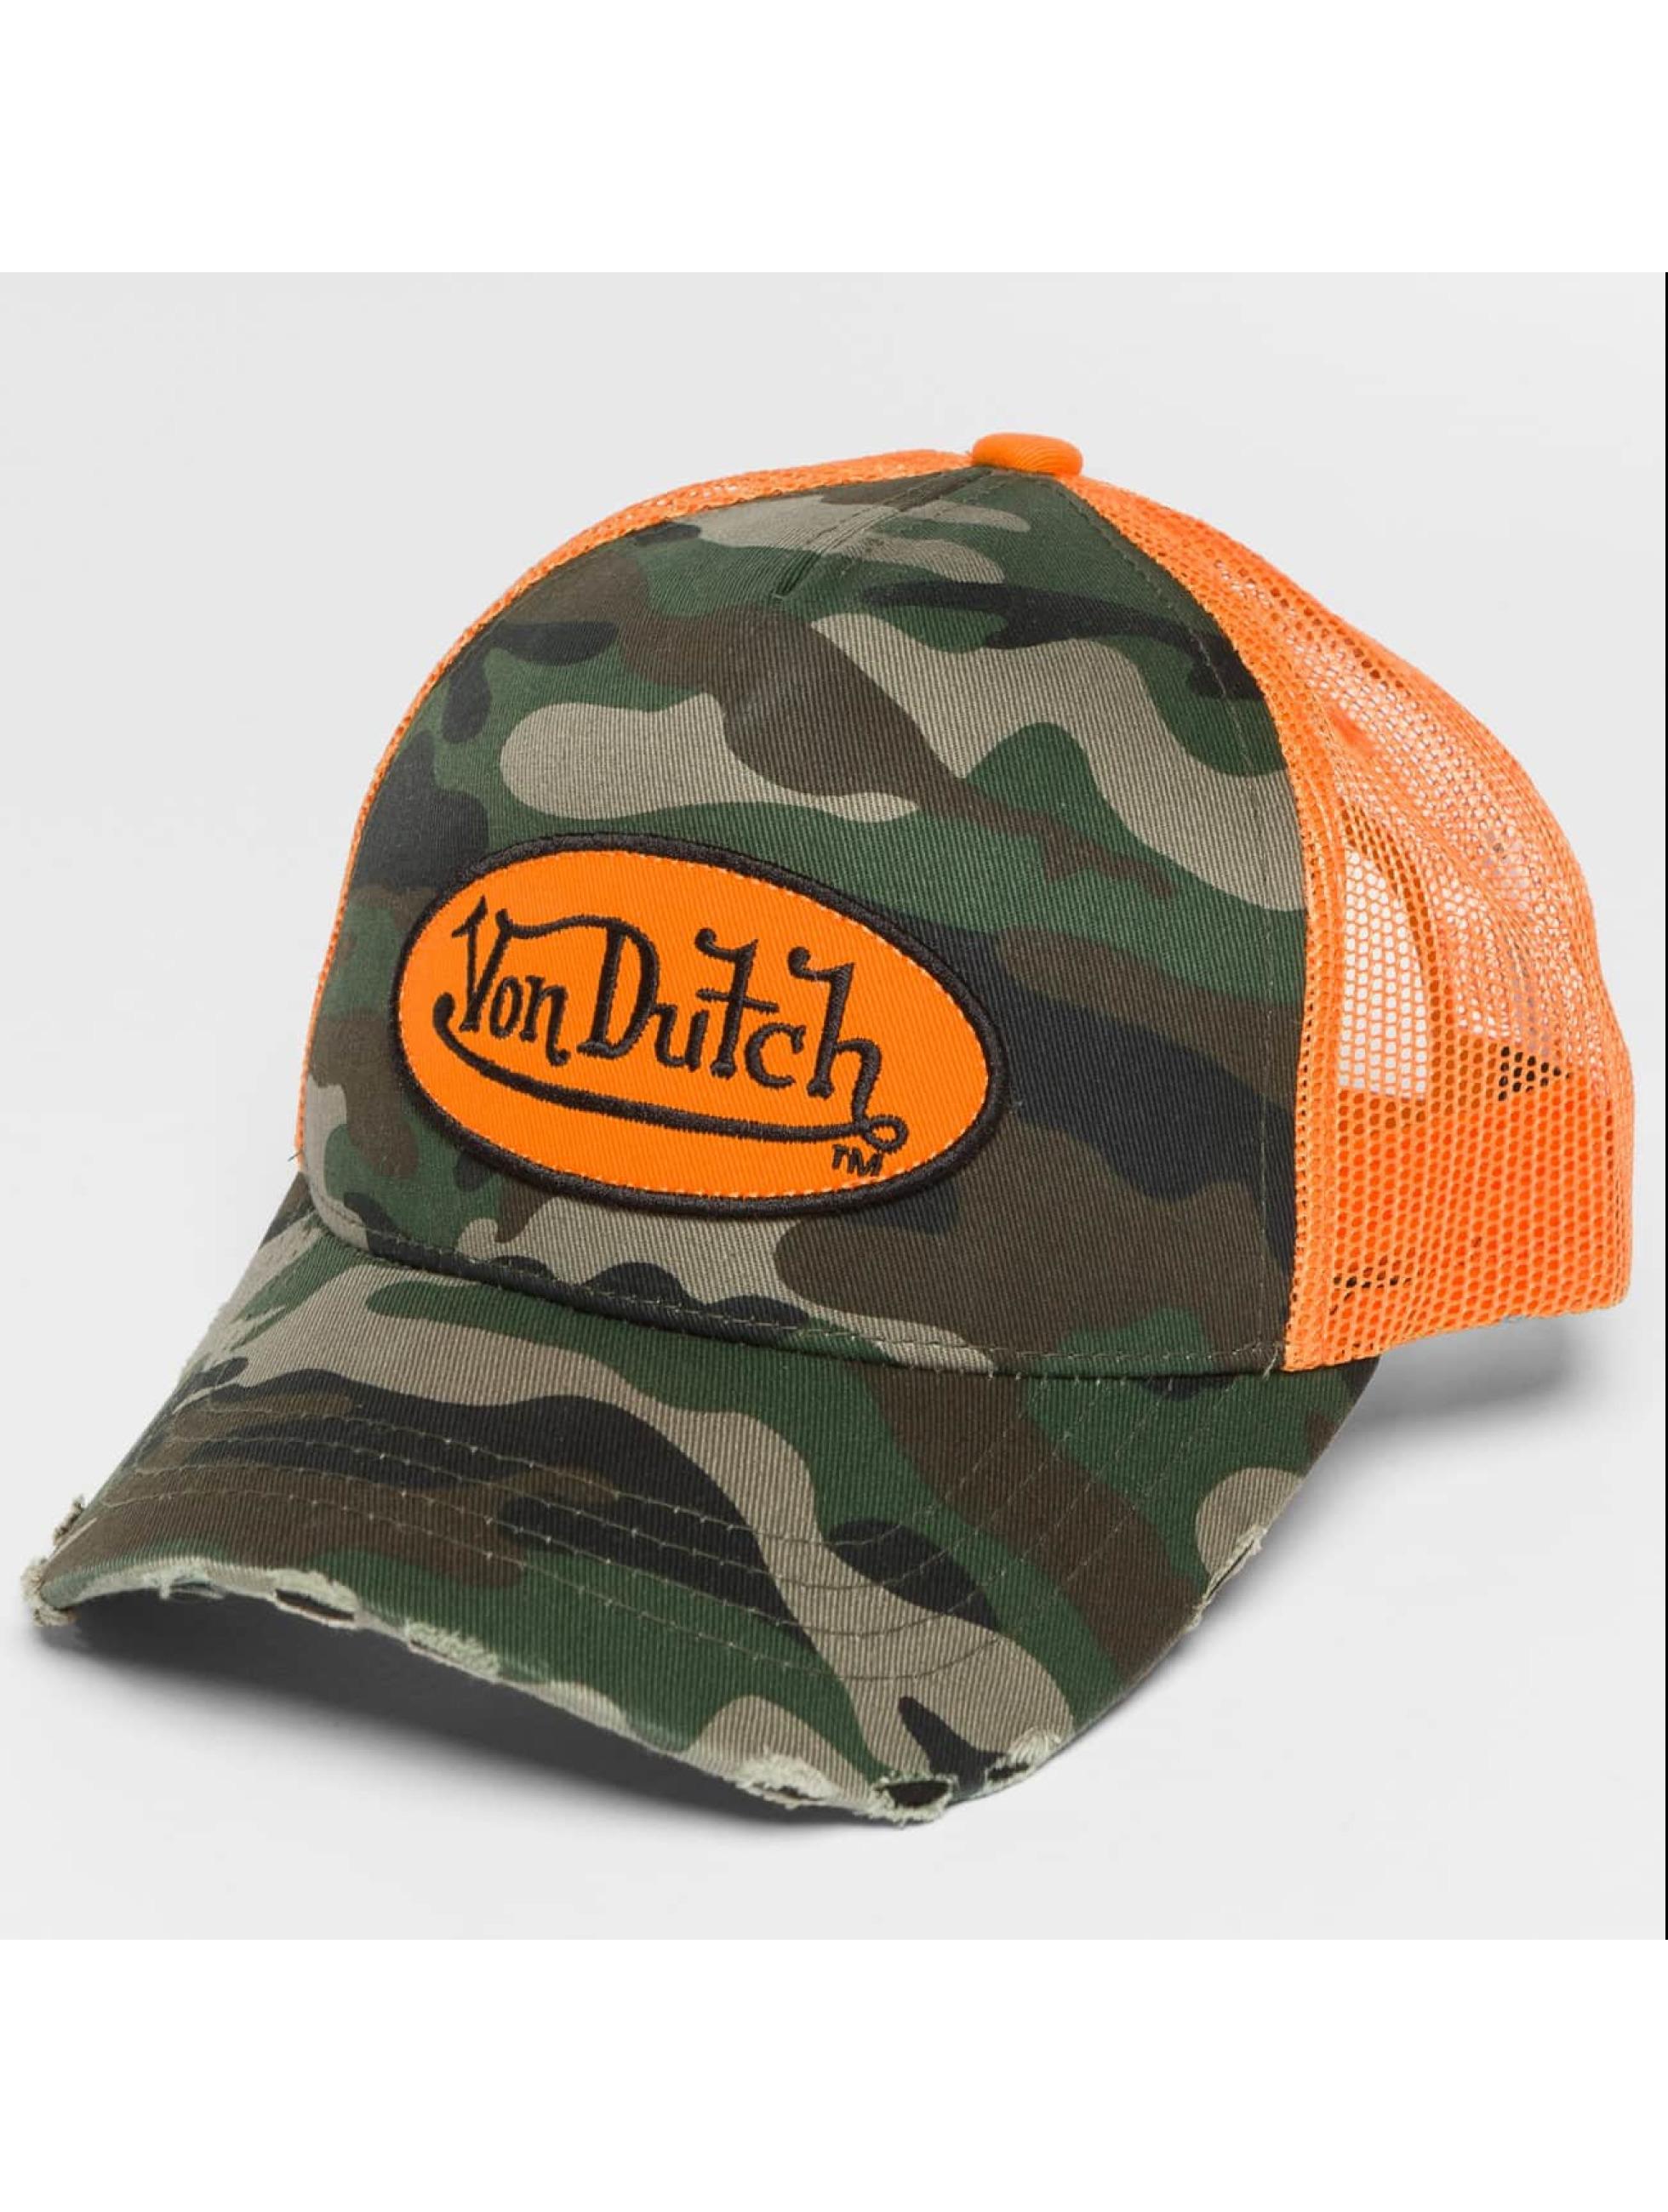 Von Dutch trucker cap Camo camouflage